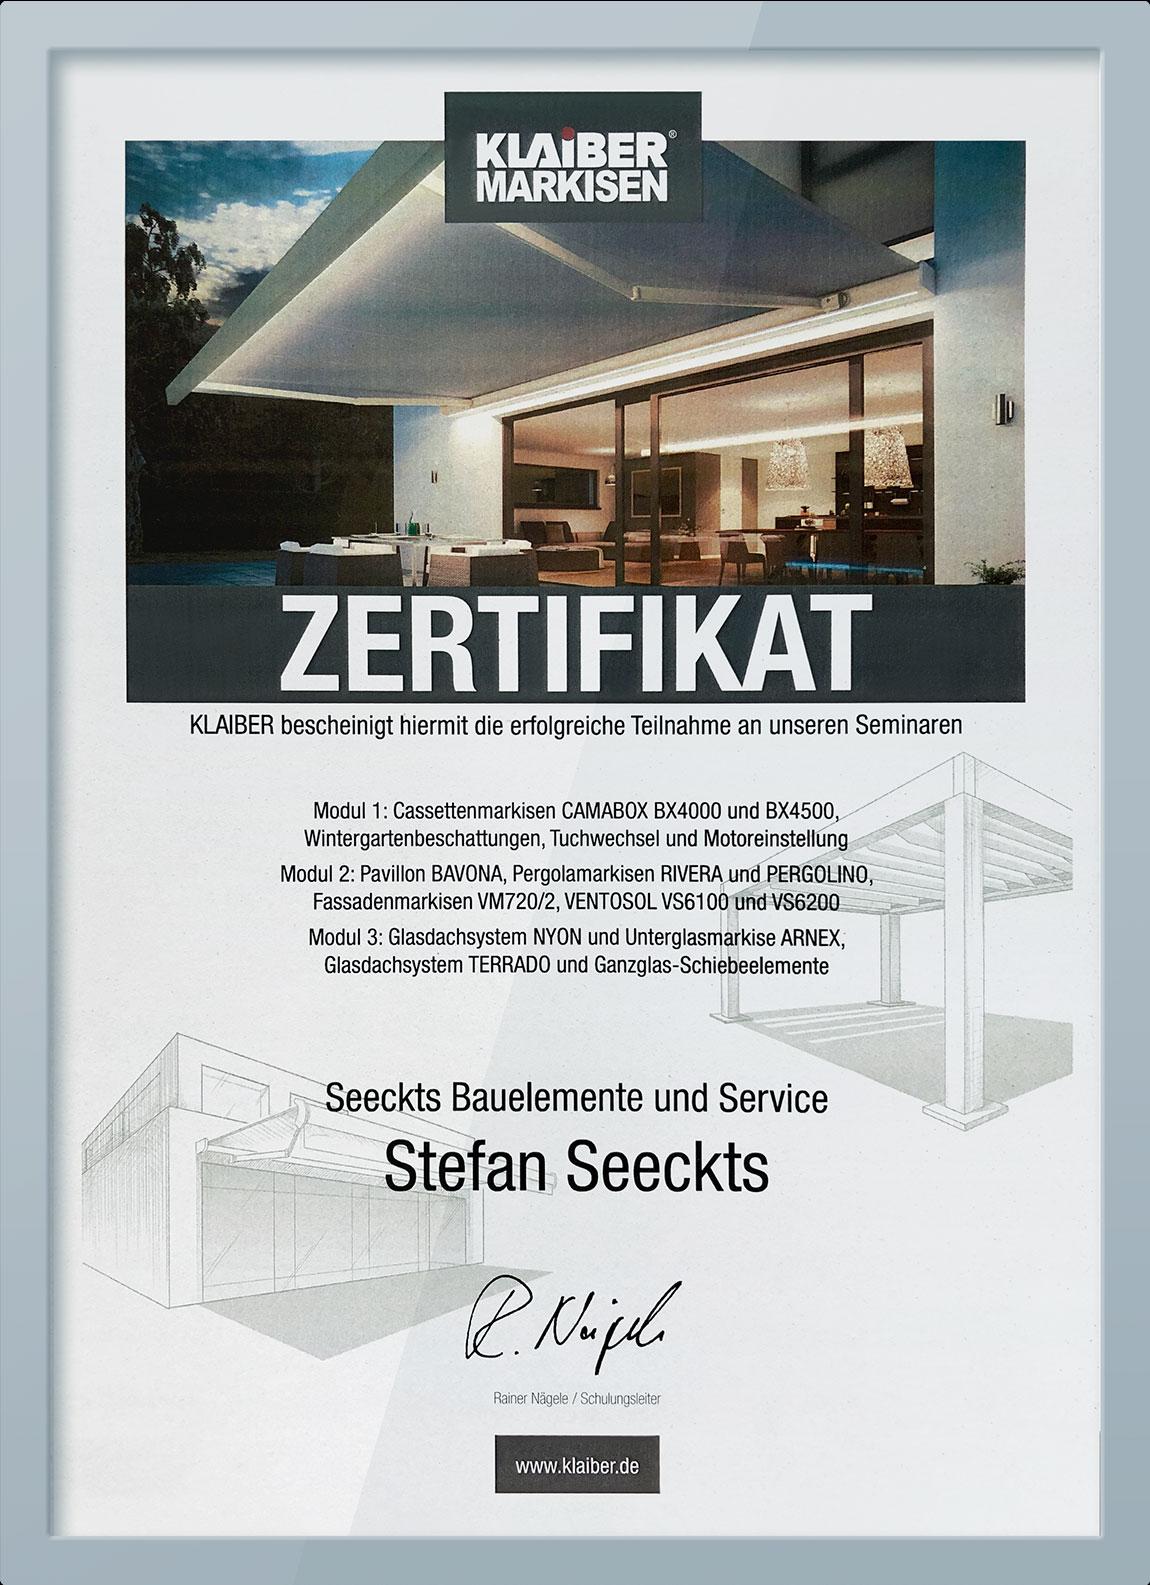 Zertifikat von Seeckts für Markisen, Pavillon und Glasdachsystem